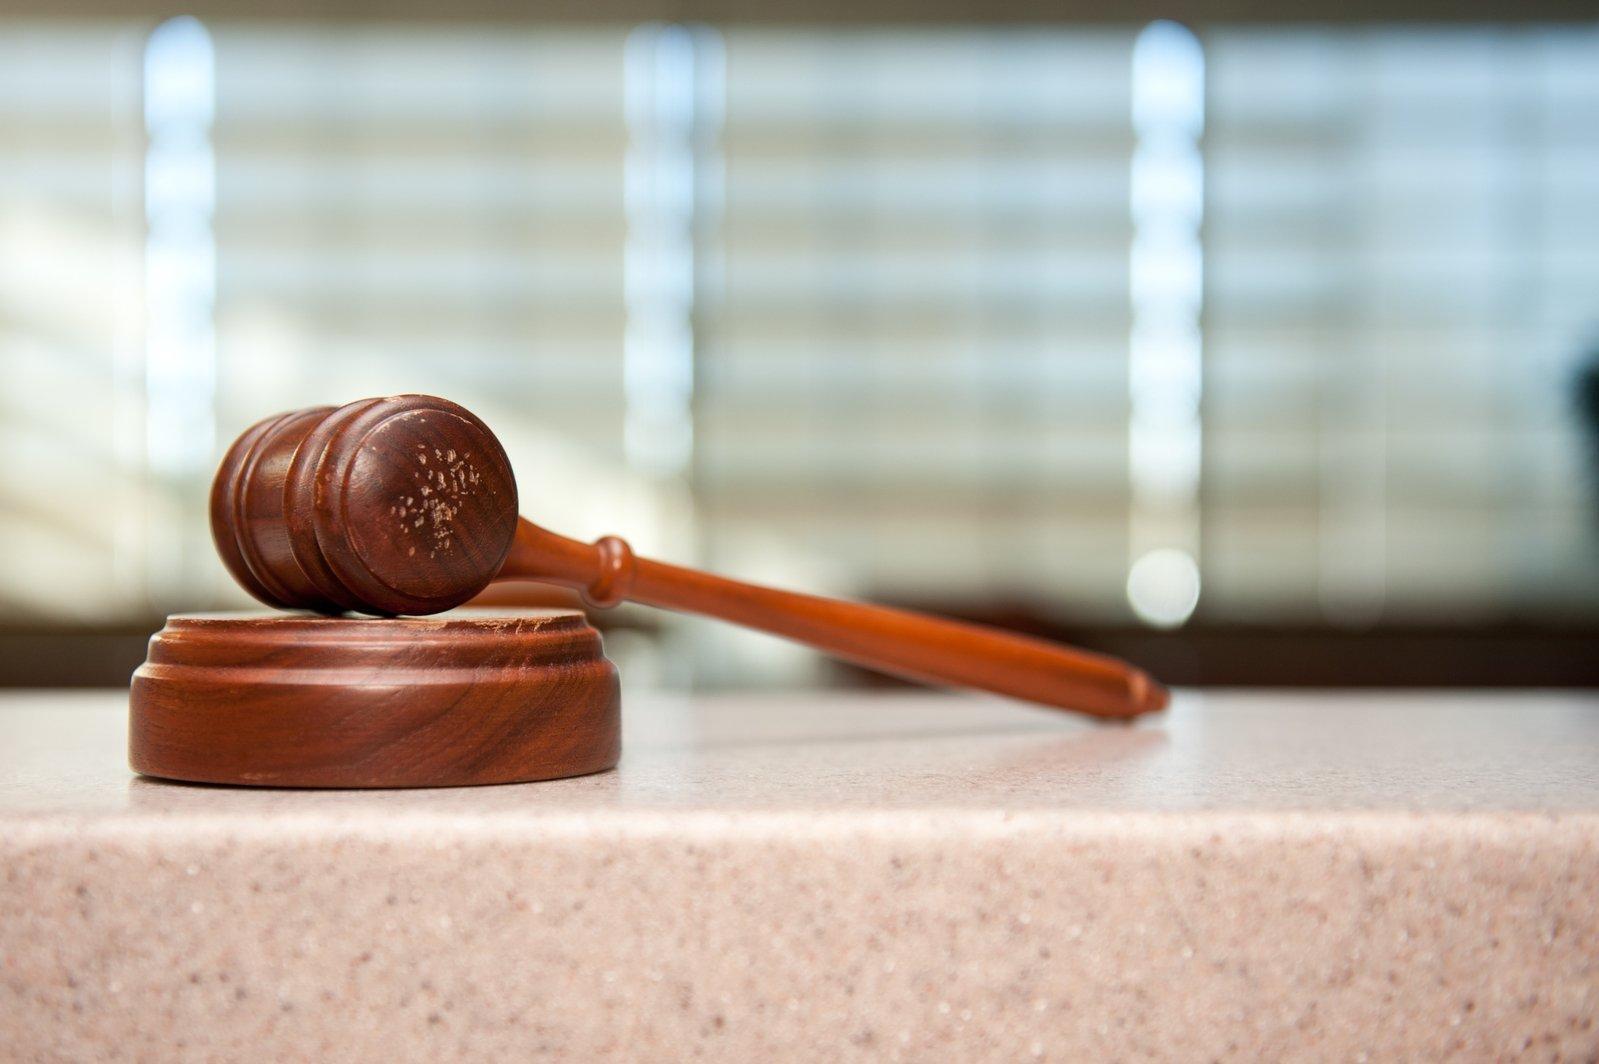 Democrat Judge allows Rikin Mehta to stay on ballot